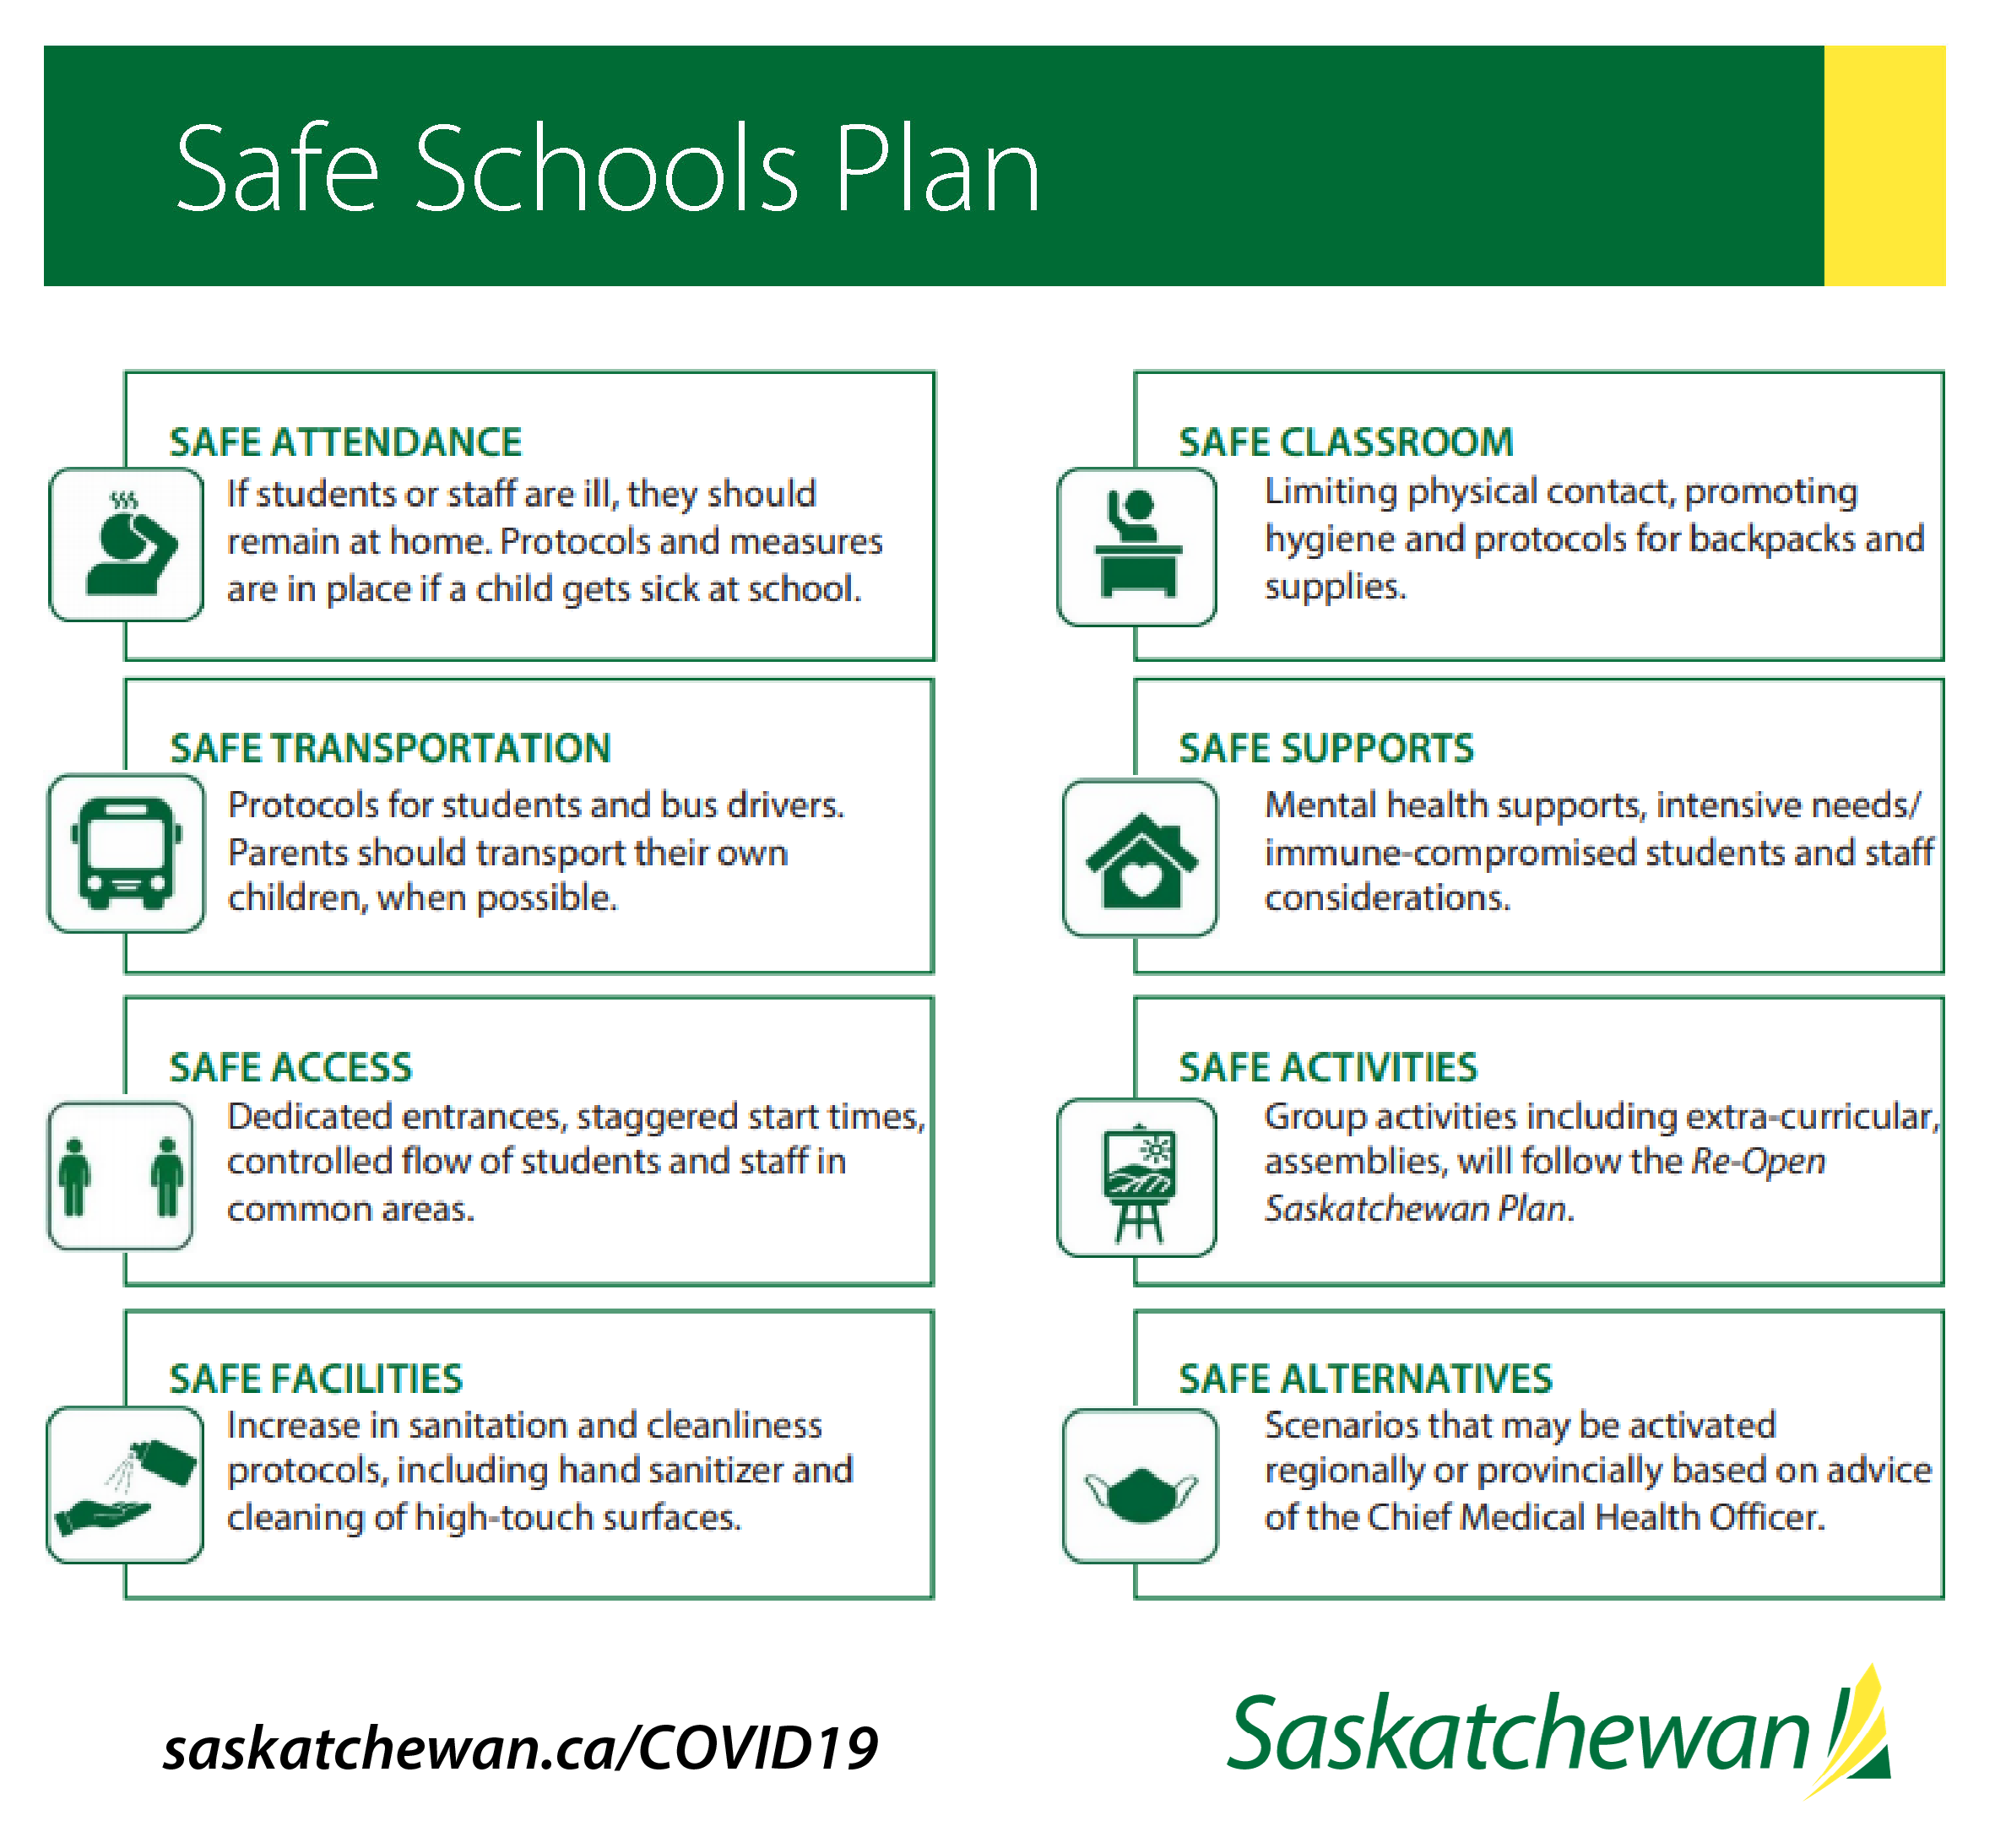 Safe Schools Plan IMAGE-01.png